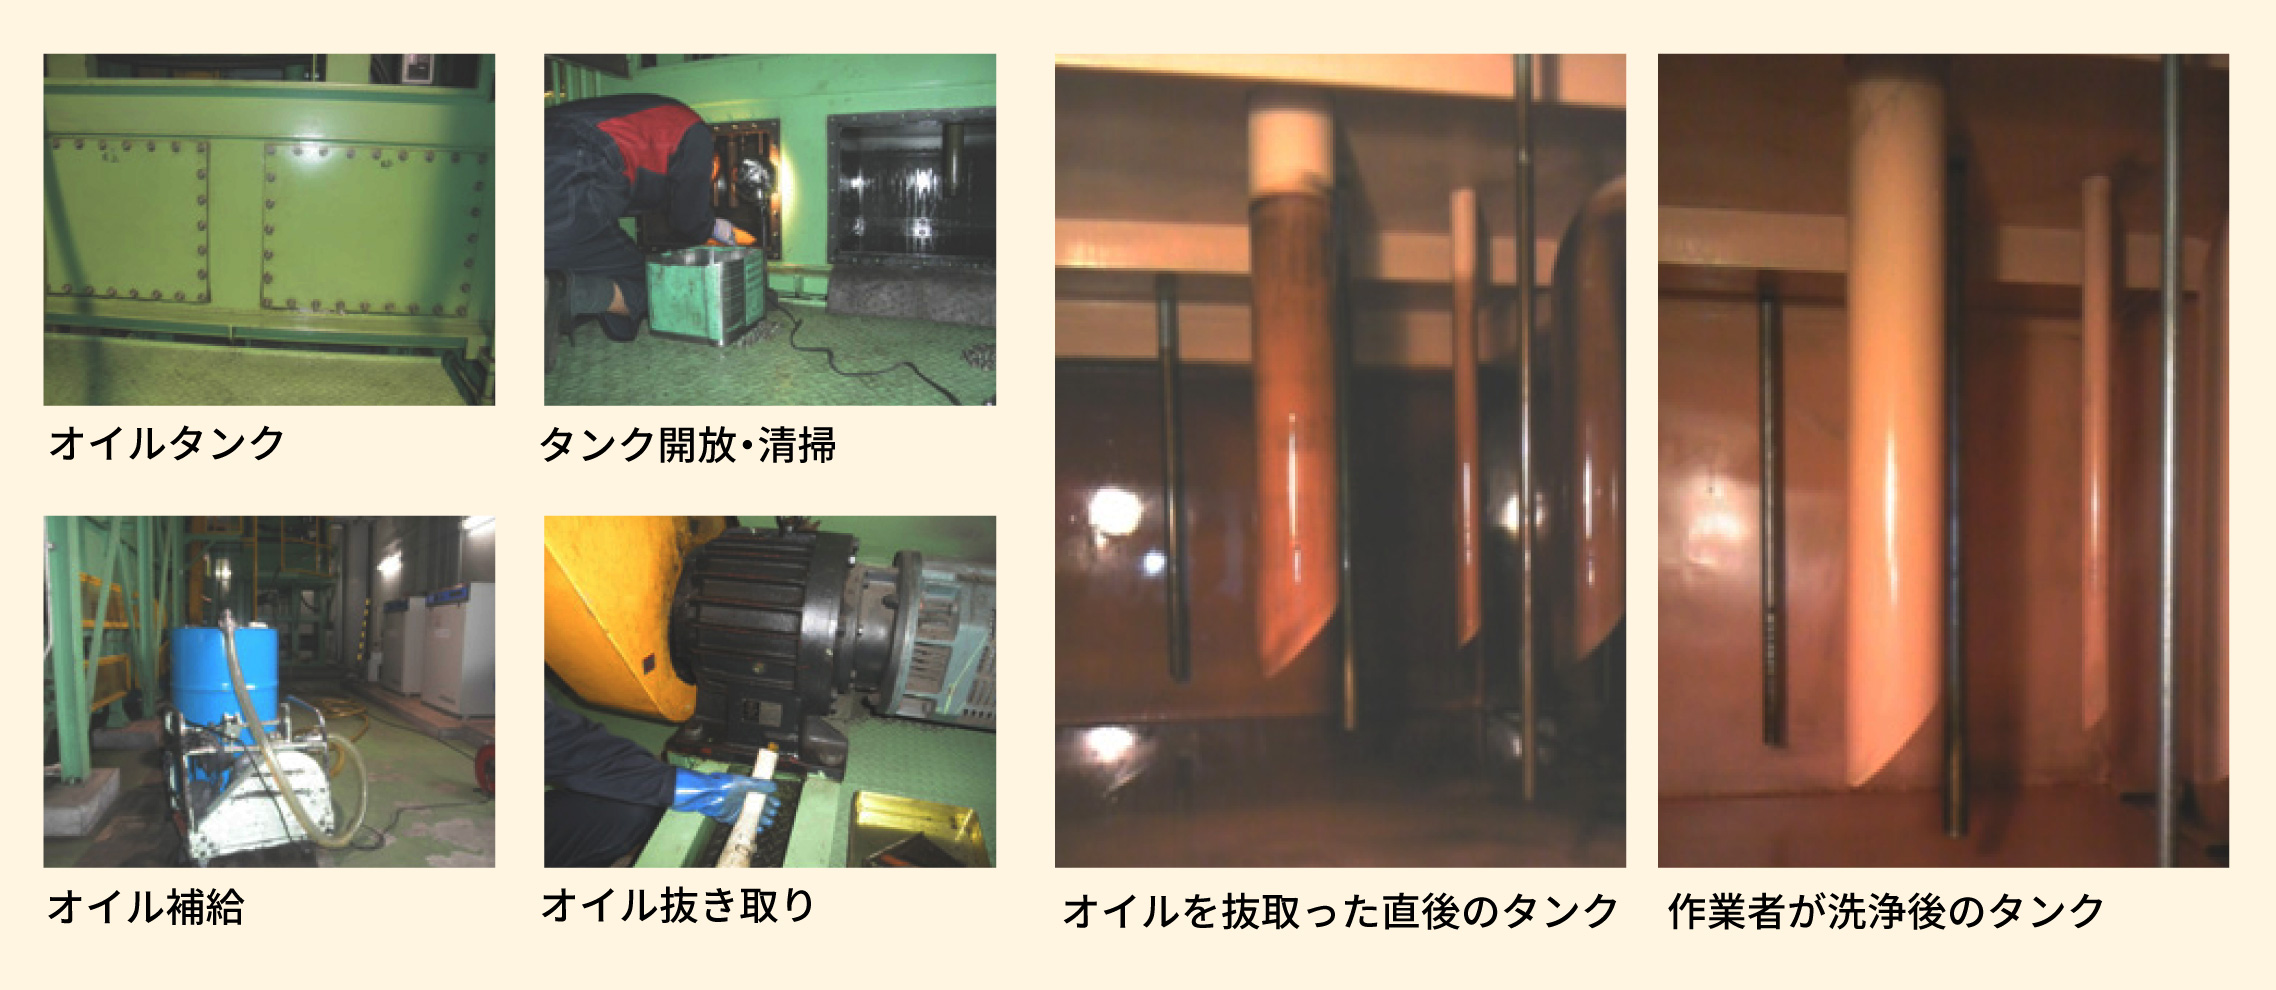 油圧作動油のオイル交換風景